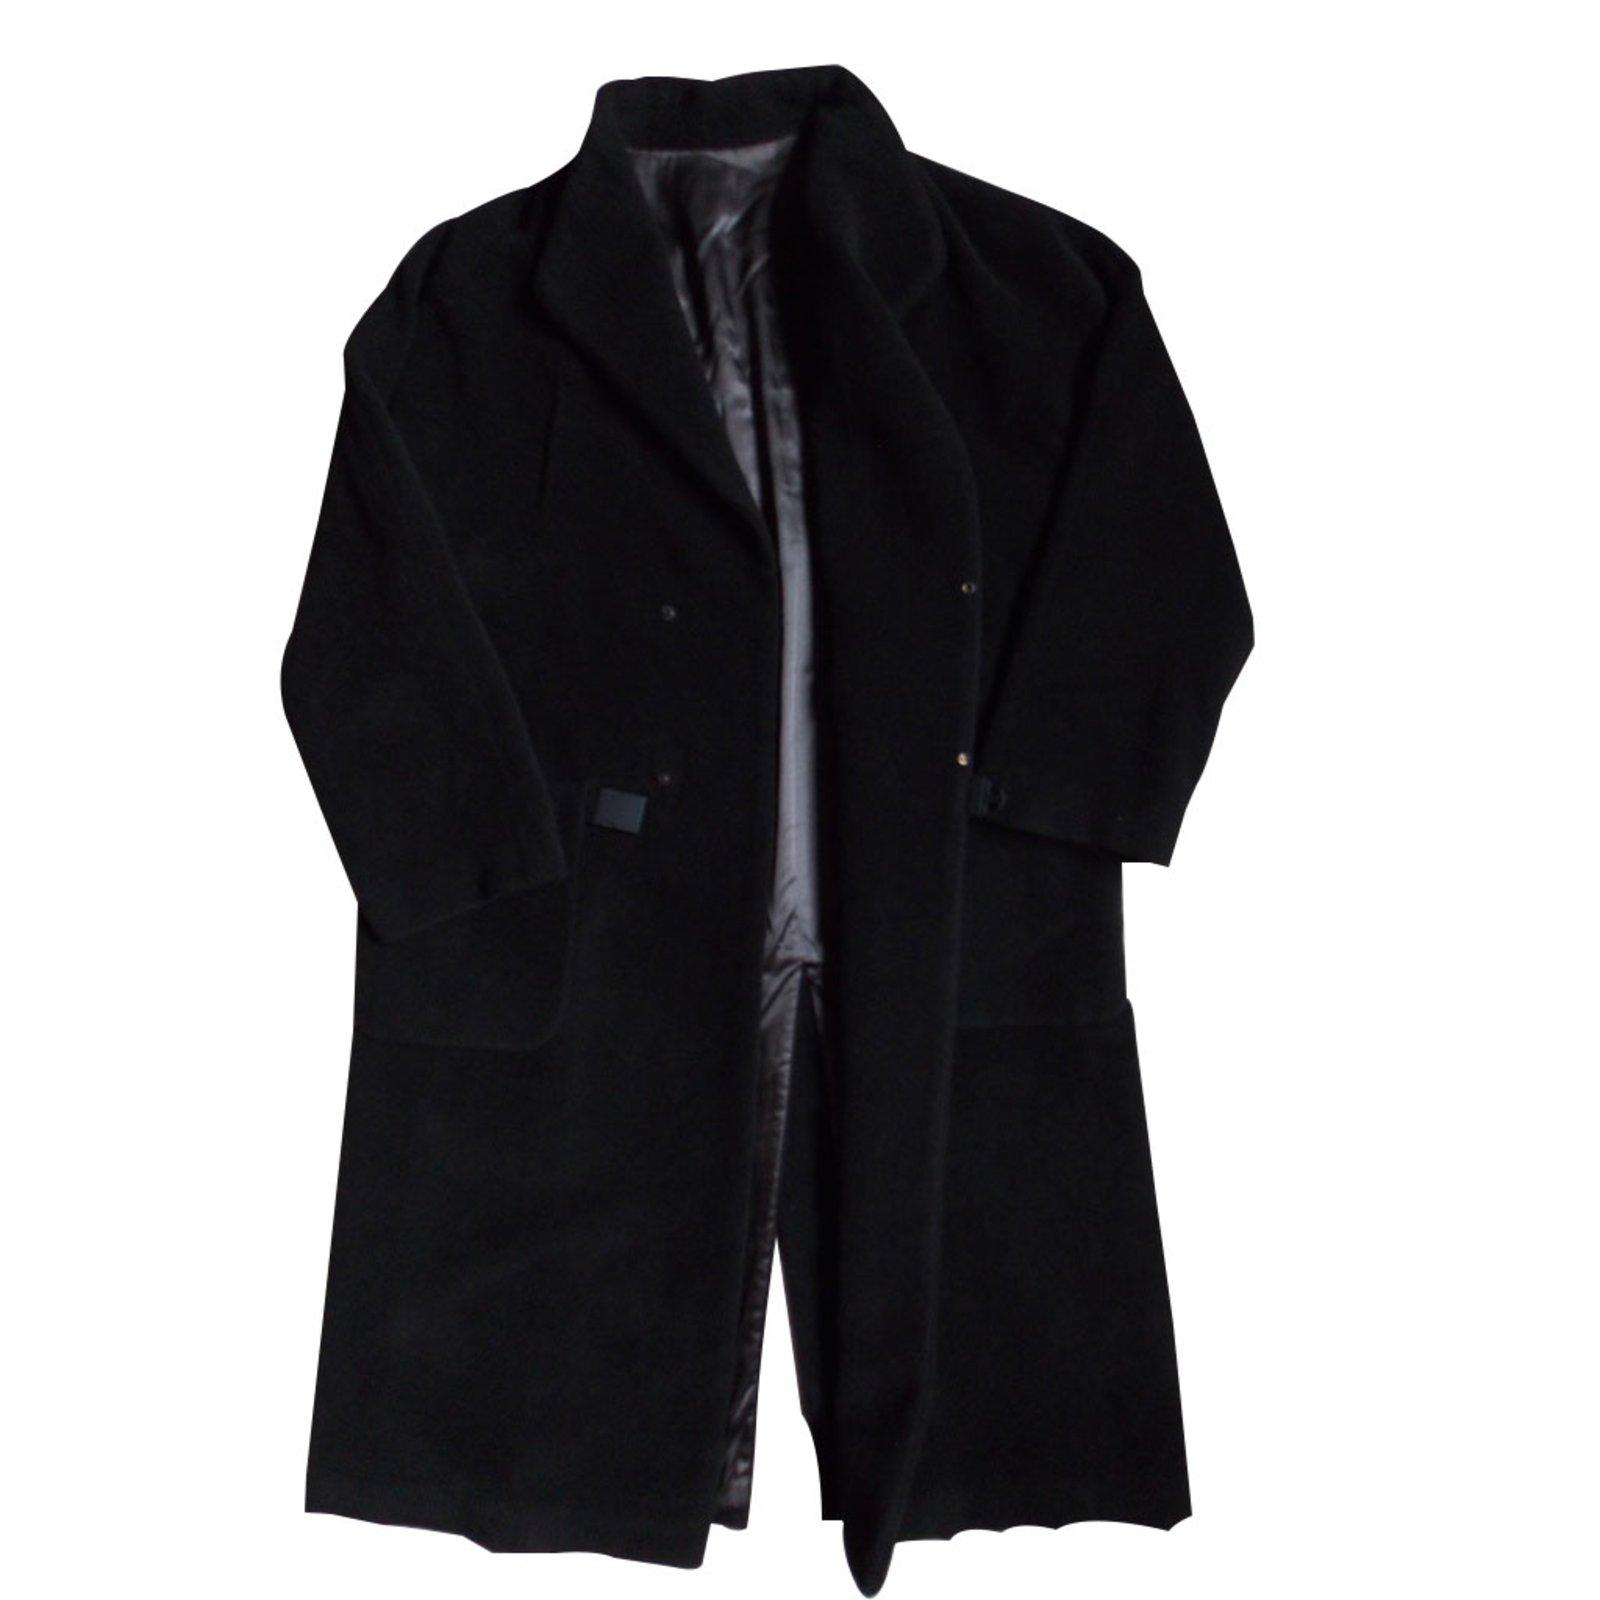 Adolfo dominguez coats outerwear men coats outerwear wool for Adolfo dominguez womens coats